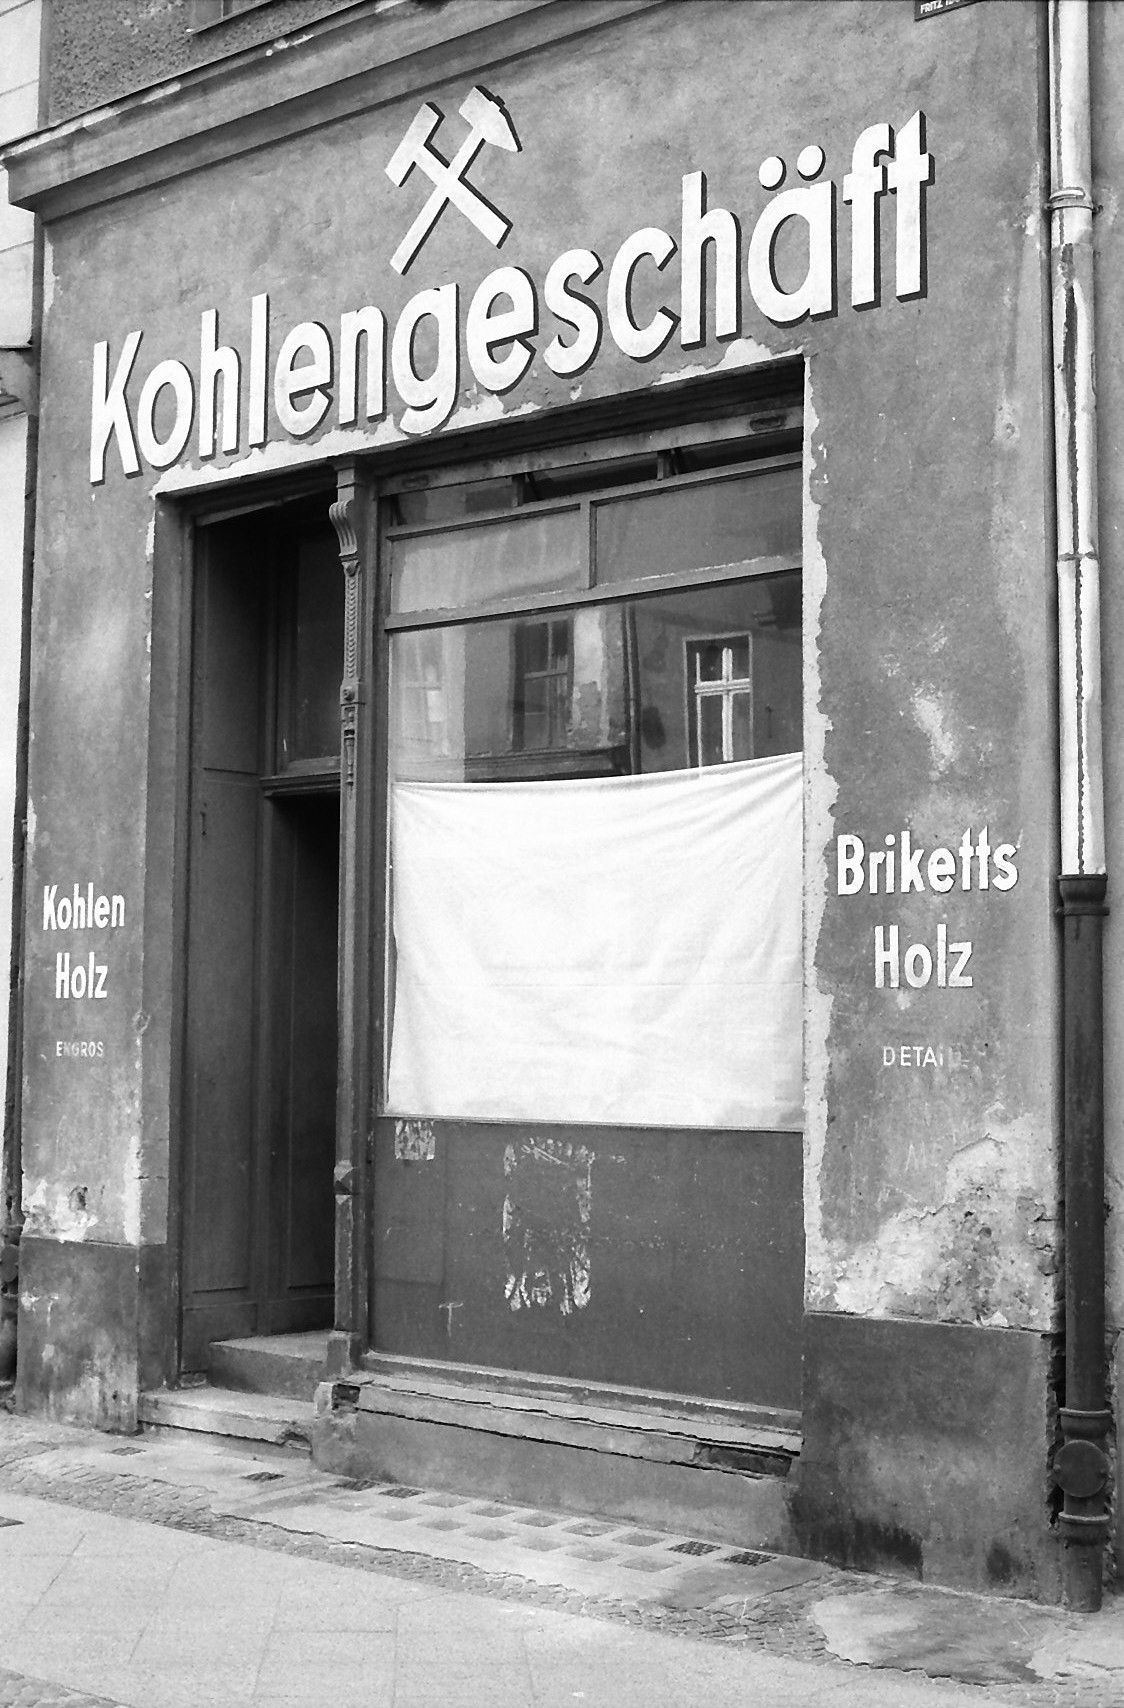 berlin geschichte auf pinterest berlinermauer nachkriegszeit und berliner mauer. Black Bedroom Furniture Sets. Home Design Ideas